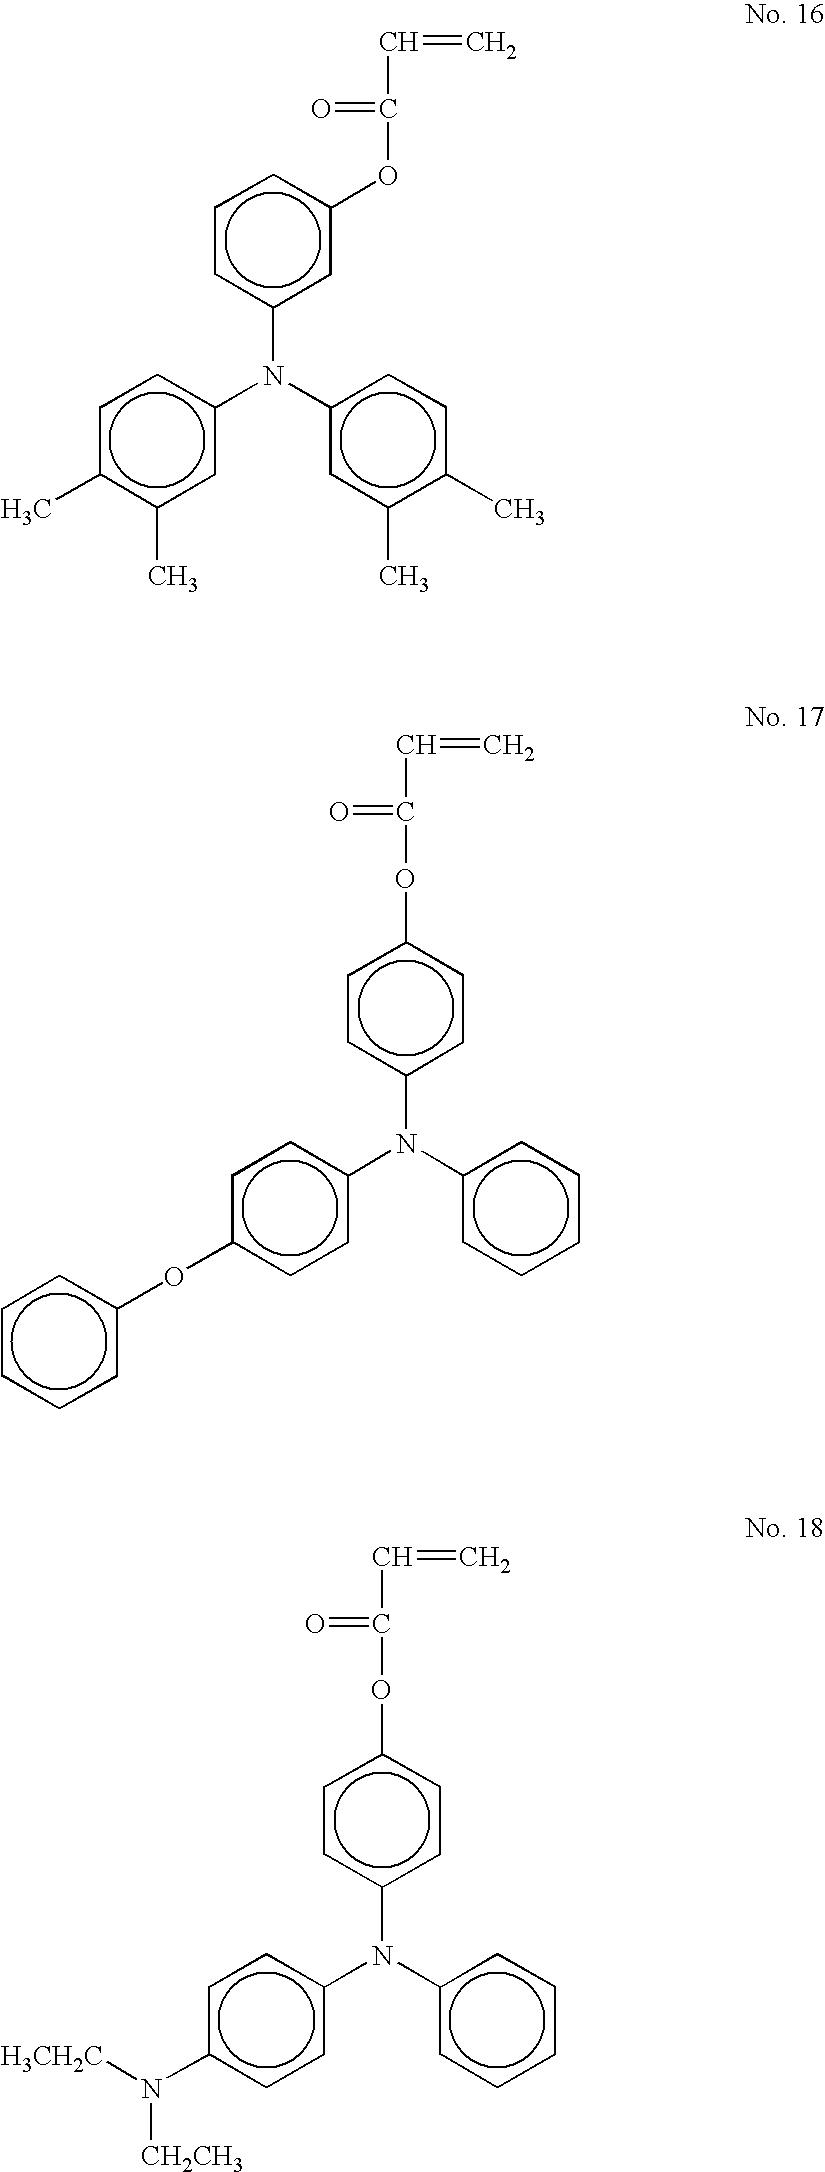 Figure US20040253527A1-20041216-C00017